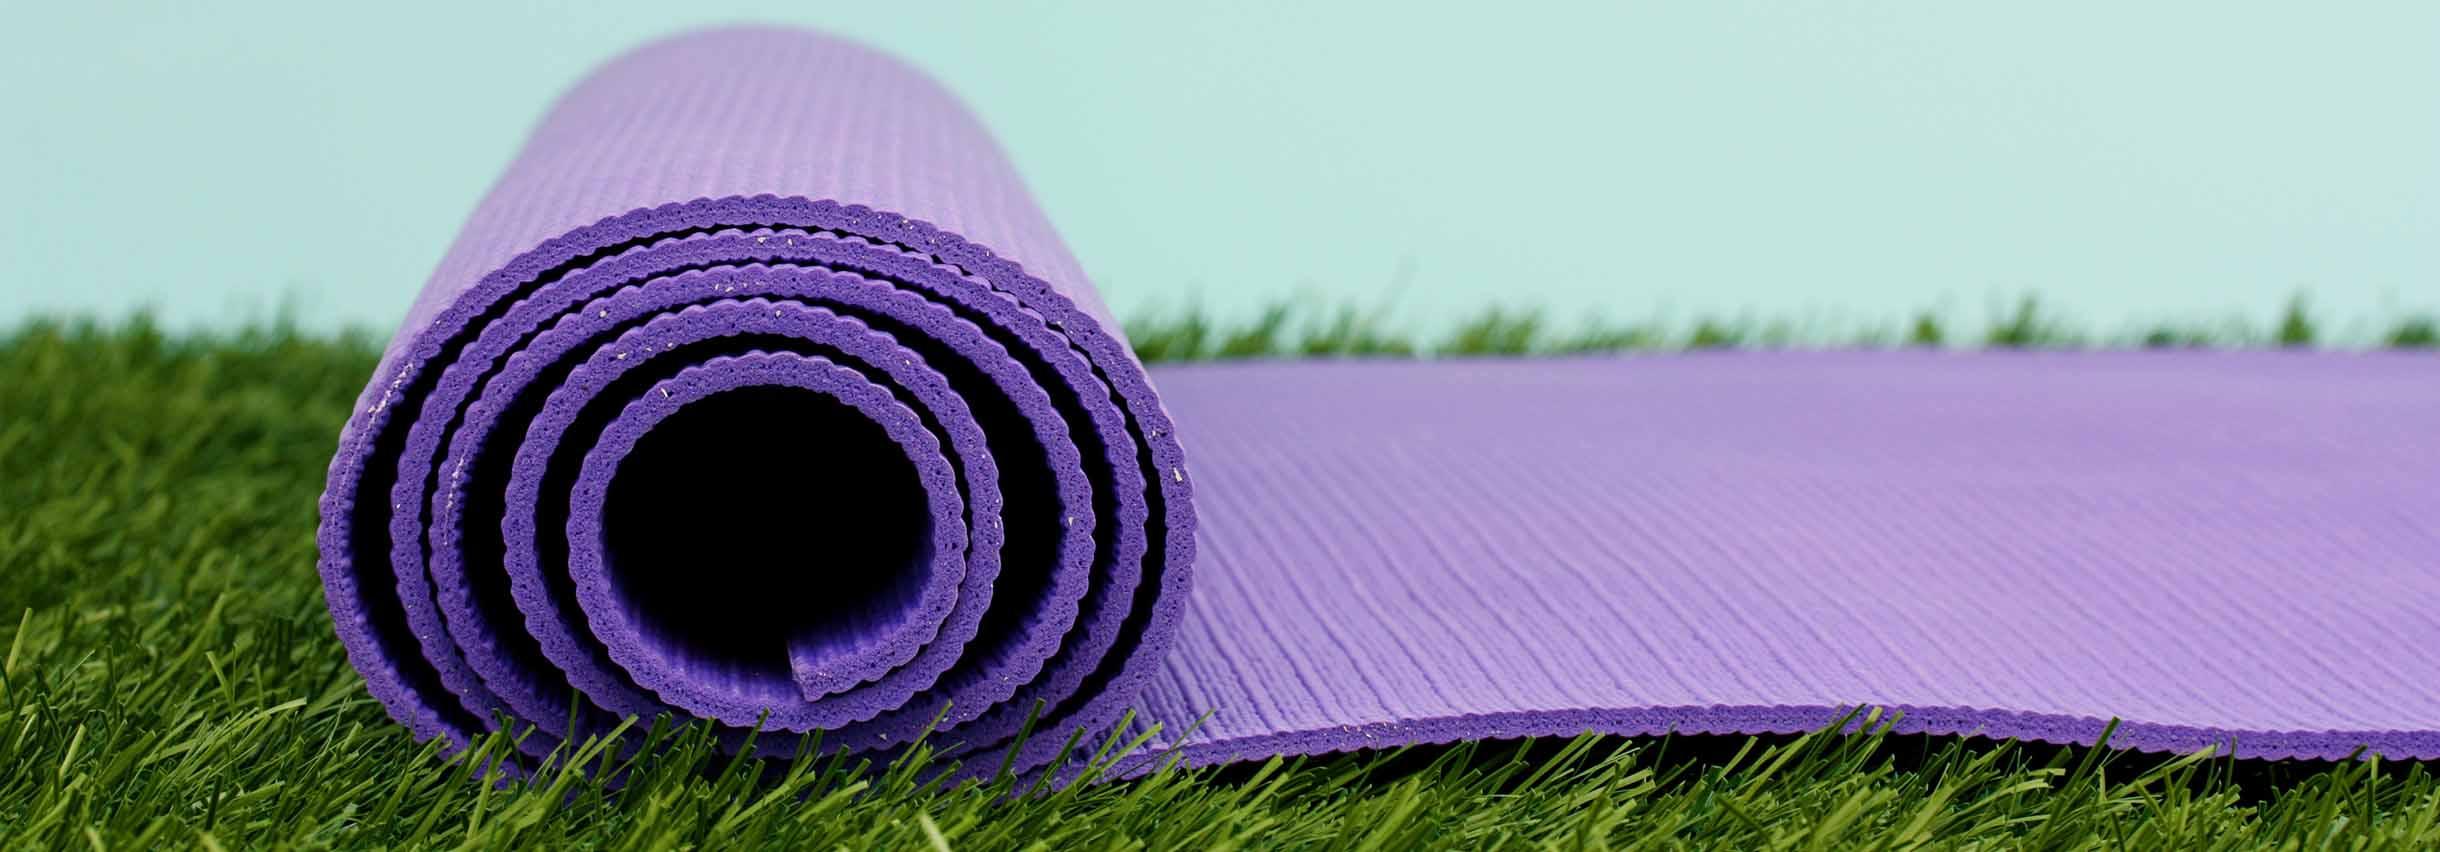 Tappetino Yoga Il Tempio Della Pratica Offerte E Prezzi